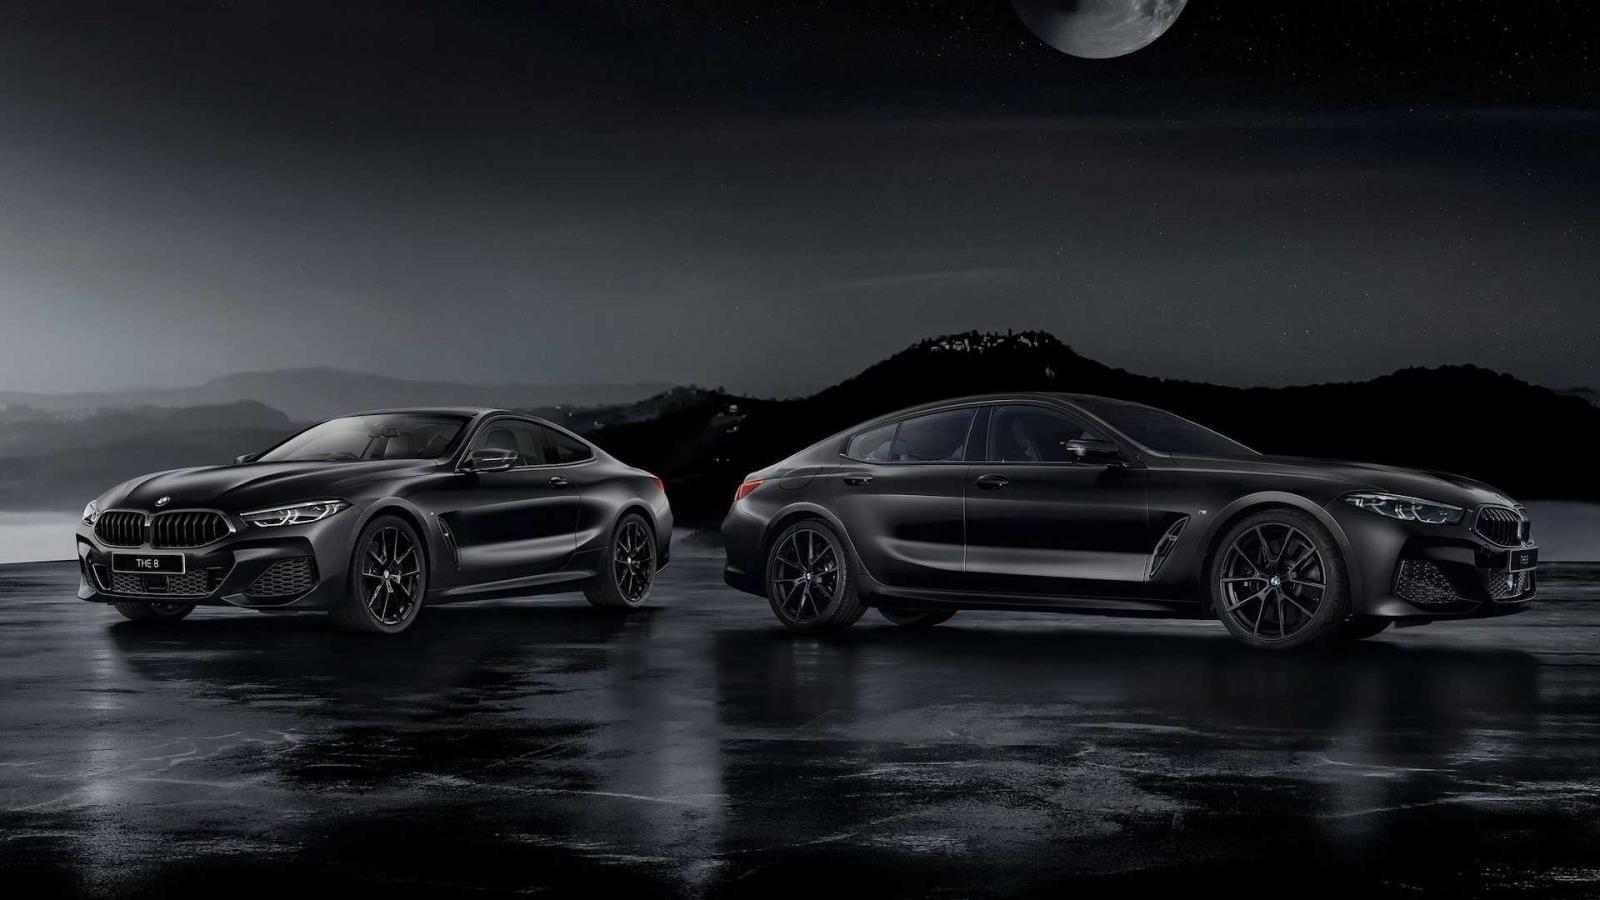 BMW 8-Series Frozen Black Edition được cung cấp dưới dạng 2 cấu hình.